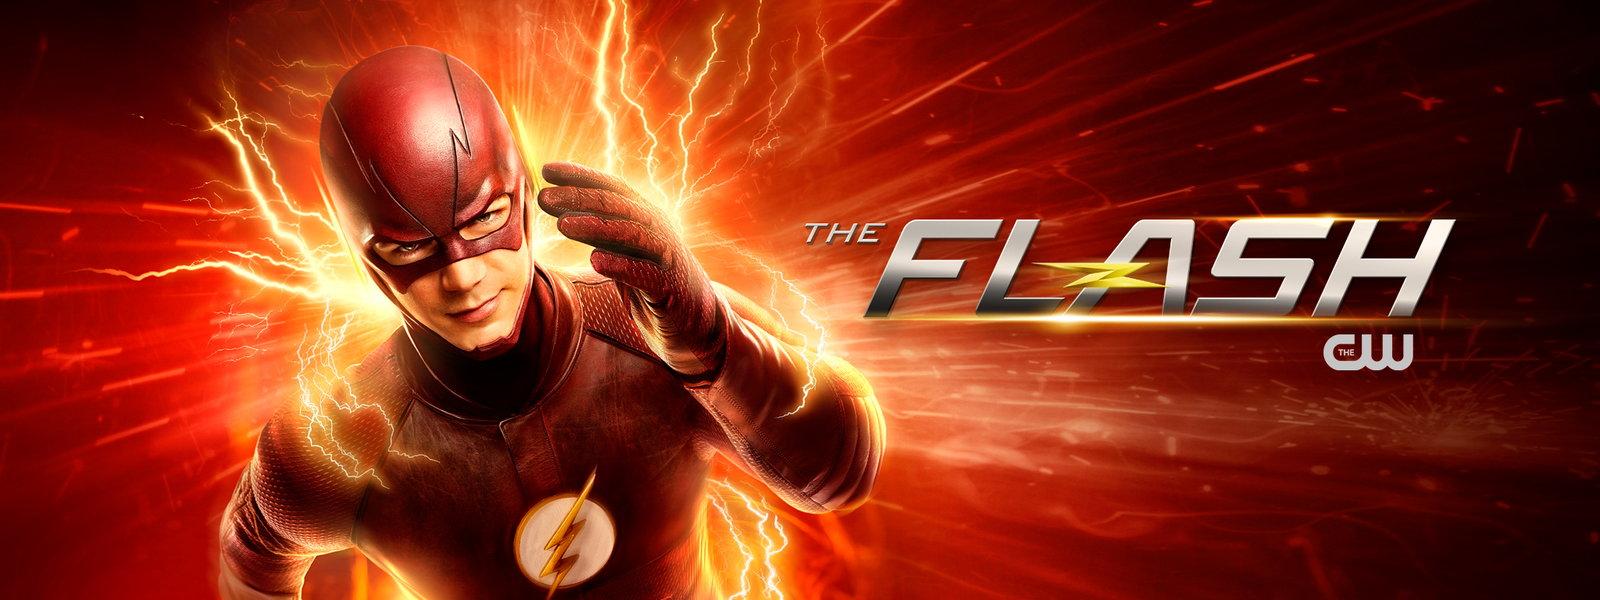 Người Hùng Tia Chớp Phần 2 - The Flash Season 2 - 2015